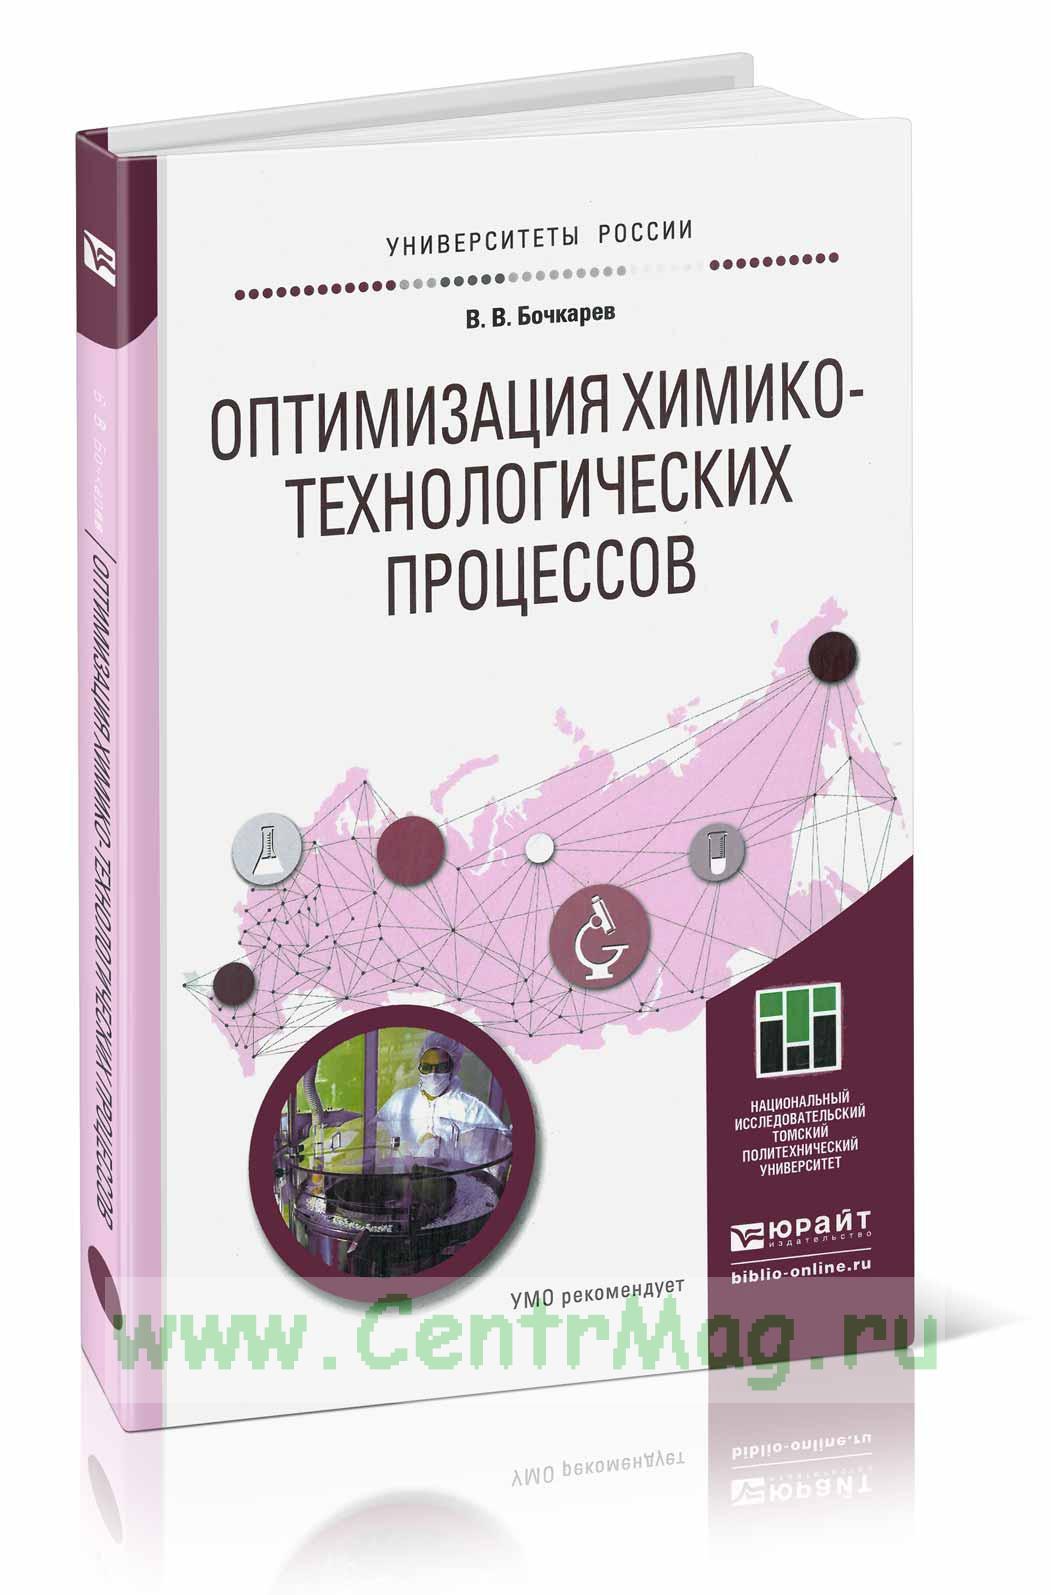 Оптимизация химико-технологических процессов: учебное пособие